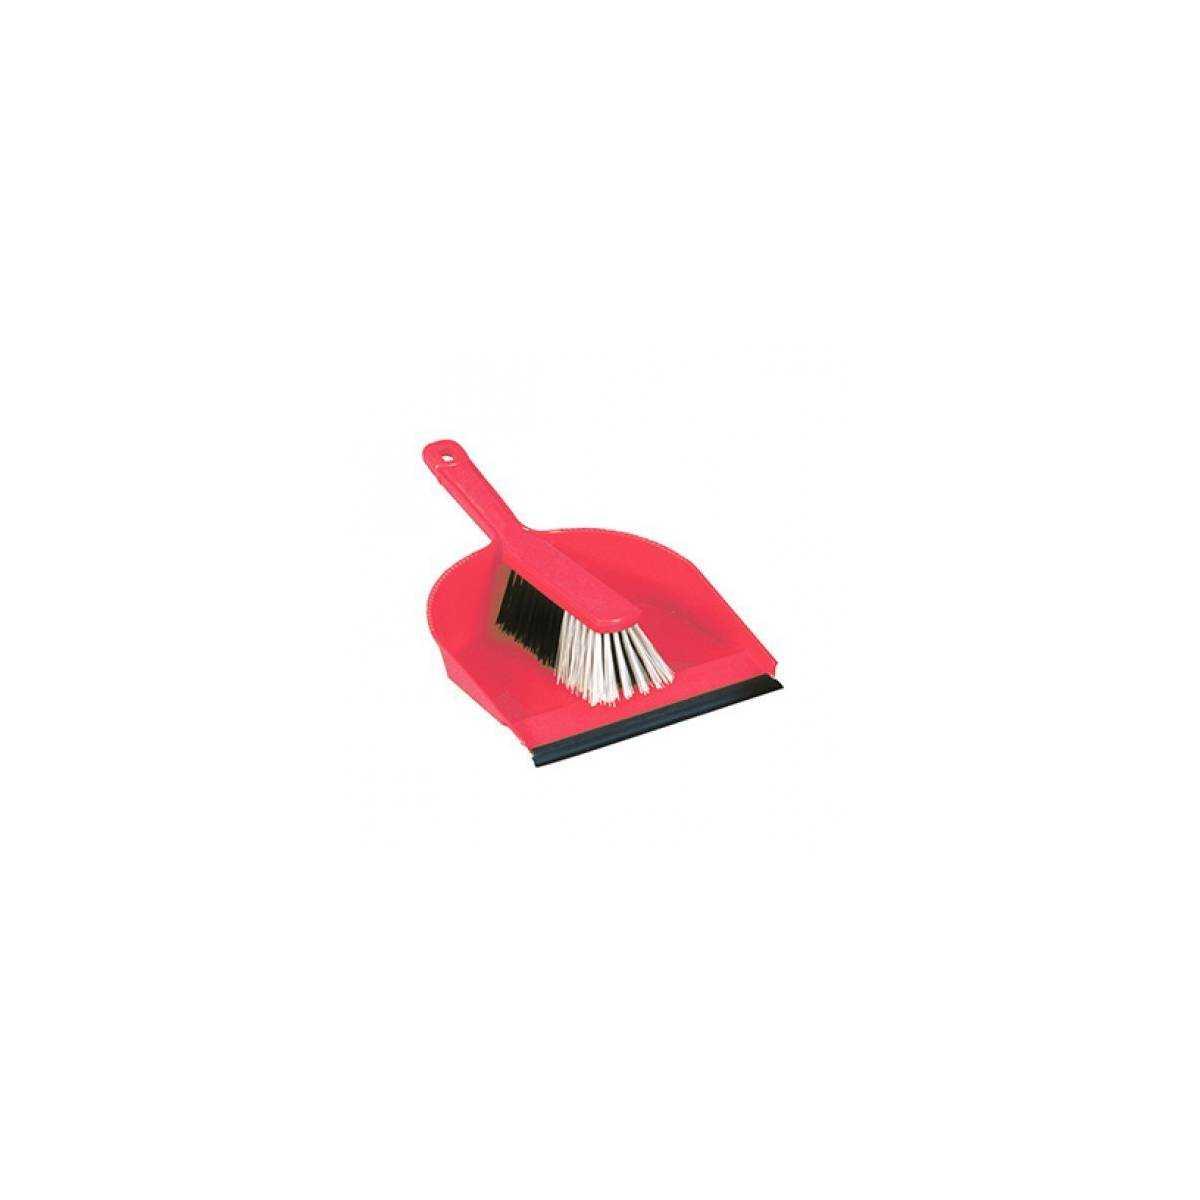 Набор для уборки совок+щетка DUST PAN (Красно цвета) 12.00770.0024.01.071 TTS